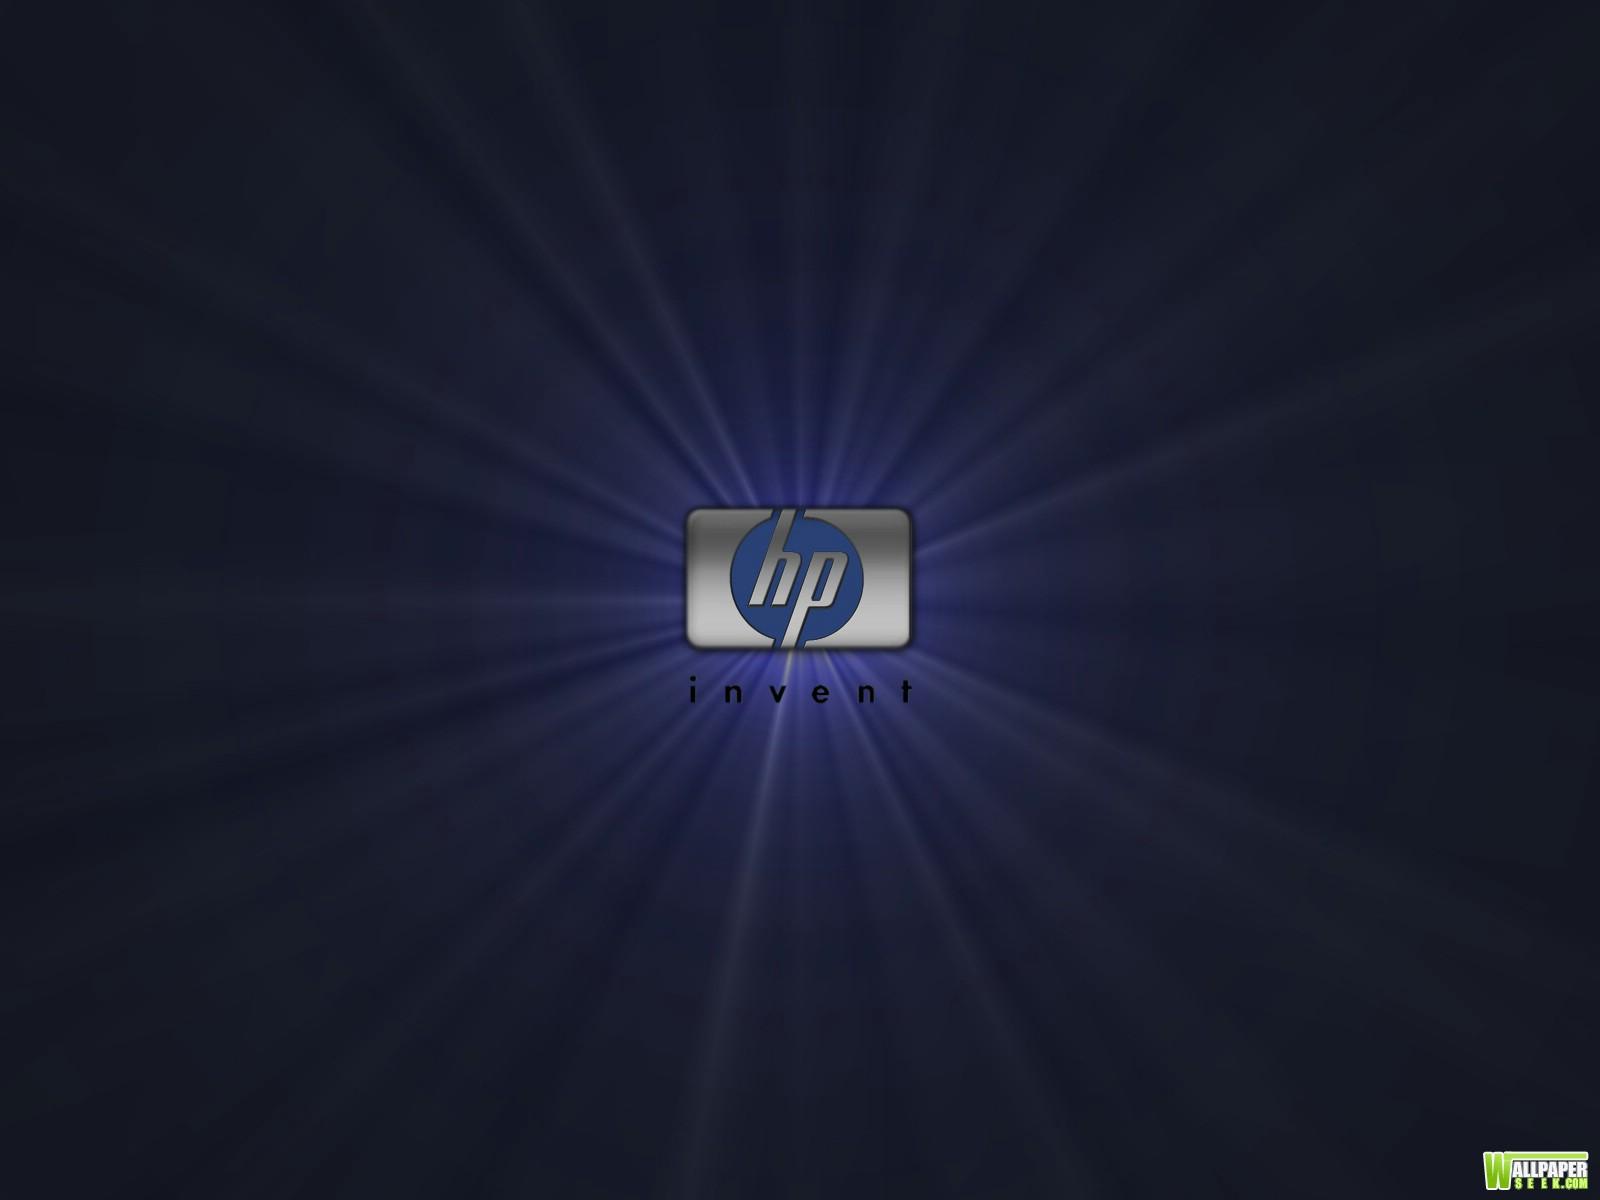 Live Wallpapers For Hp Laptop Wallpapersafari